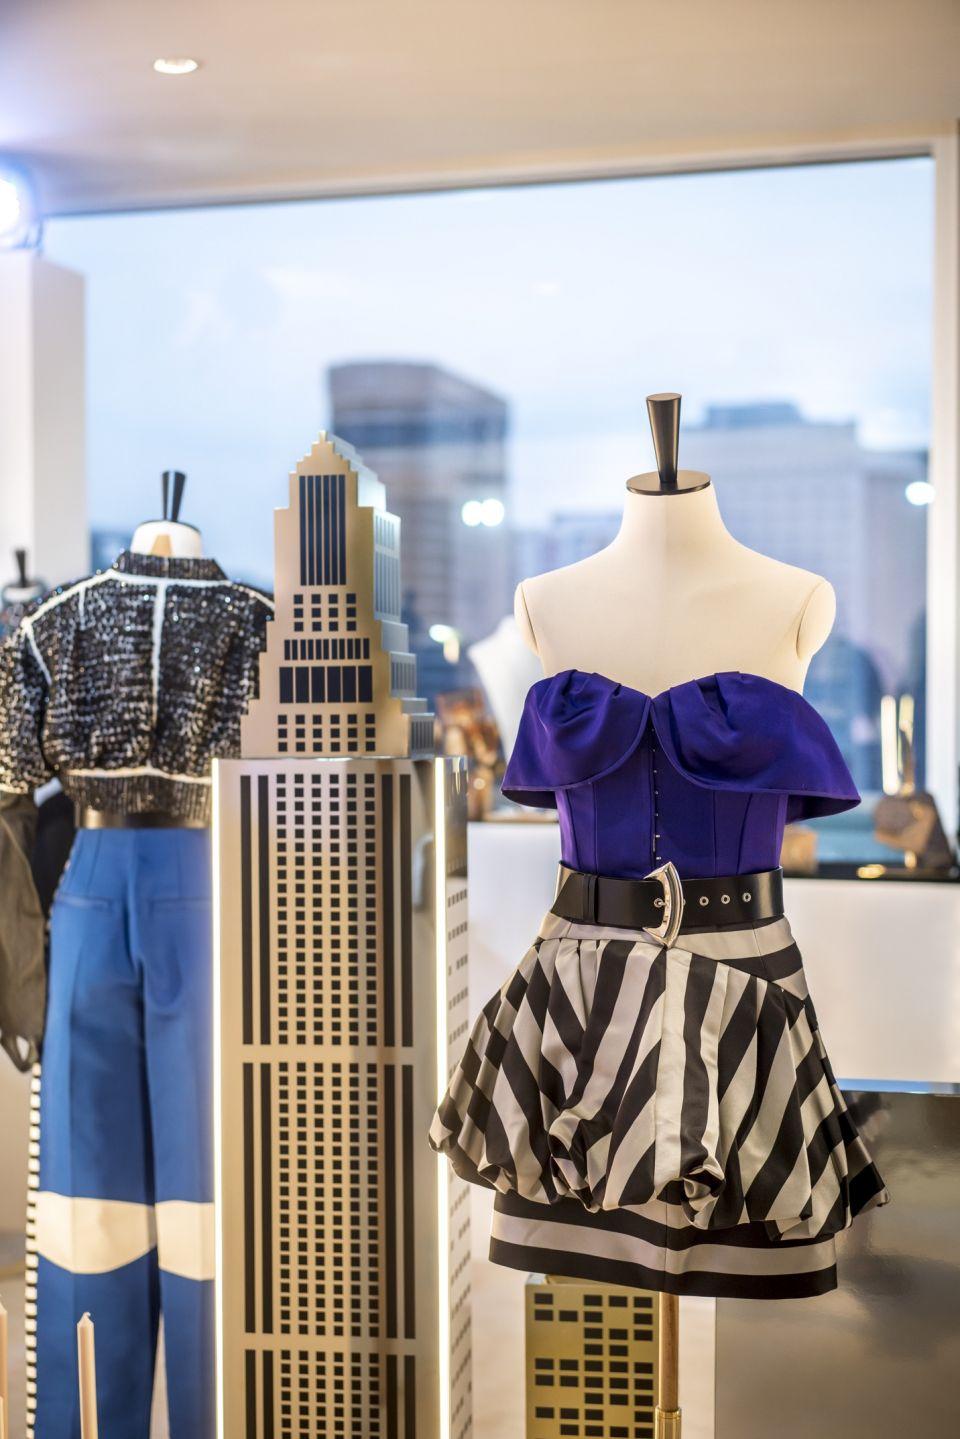 路易威登2020早春女裝的靈感原來是來自《蝙蝠俠》的高譚市!紐約華爾街、斗篷元素、貓女皮革...Nicolas Ghesquière宅男魂大爆發!